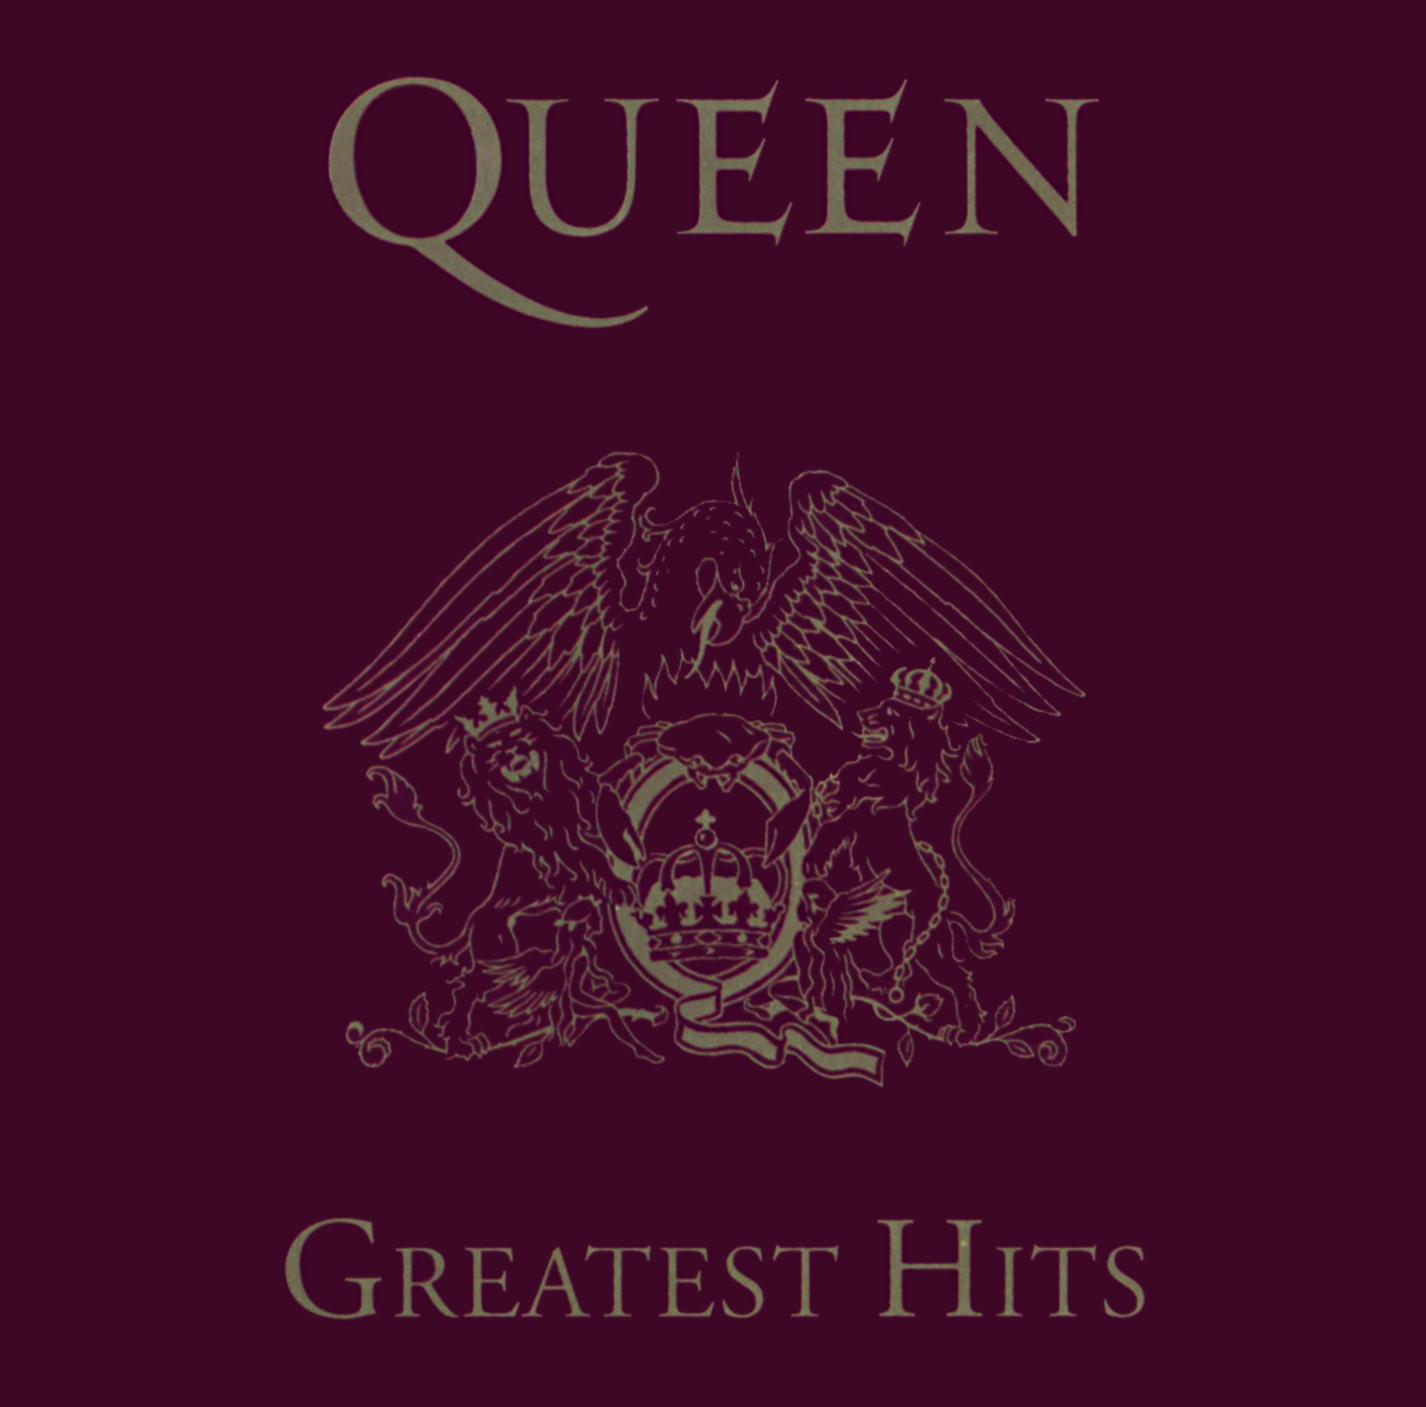 Queen (クイーン) ベスト・アルバム『Greatest Hits (グレイテスト・ヒッツ)』(1992年発売US盤) 高画質CDジャケット画像